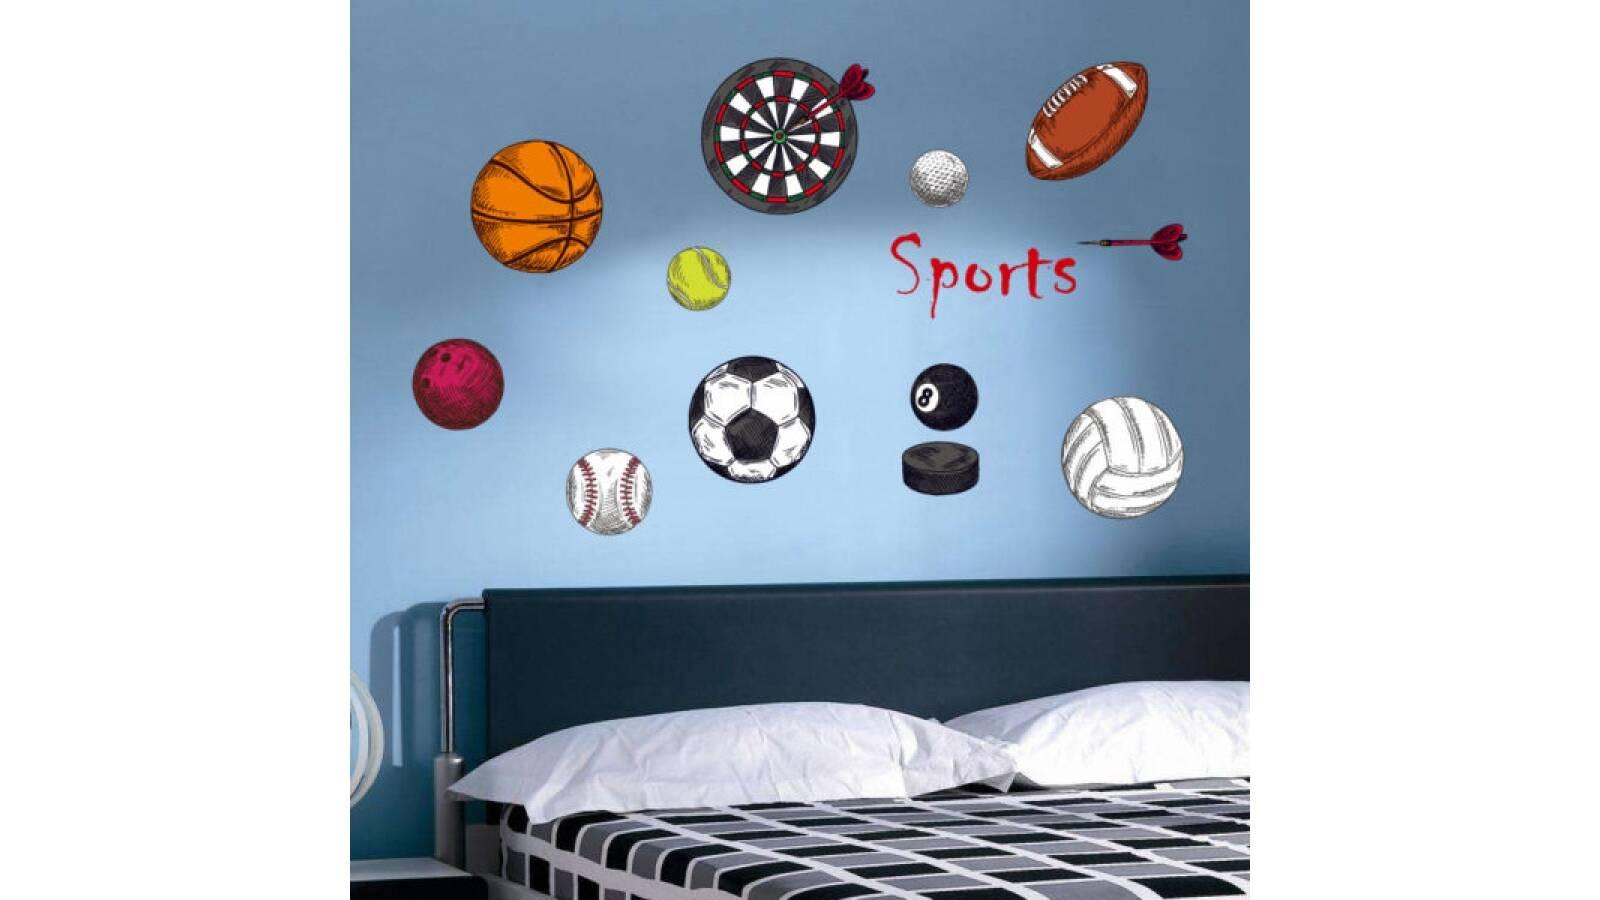 Vinilo decorativo   Pelotas de futbol y otros deportes